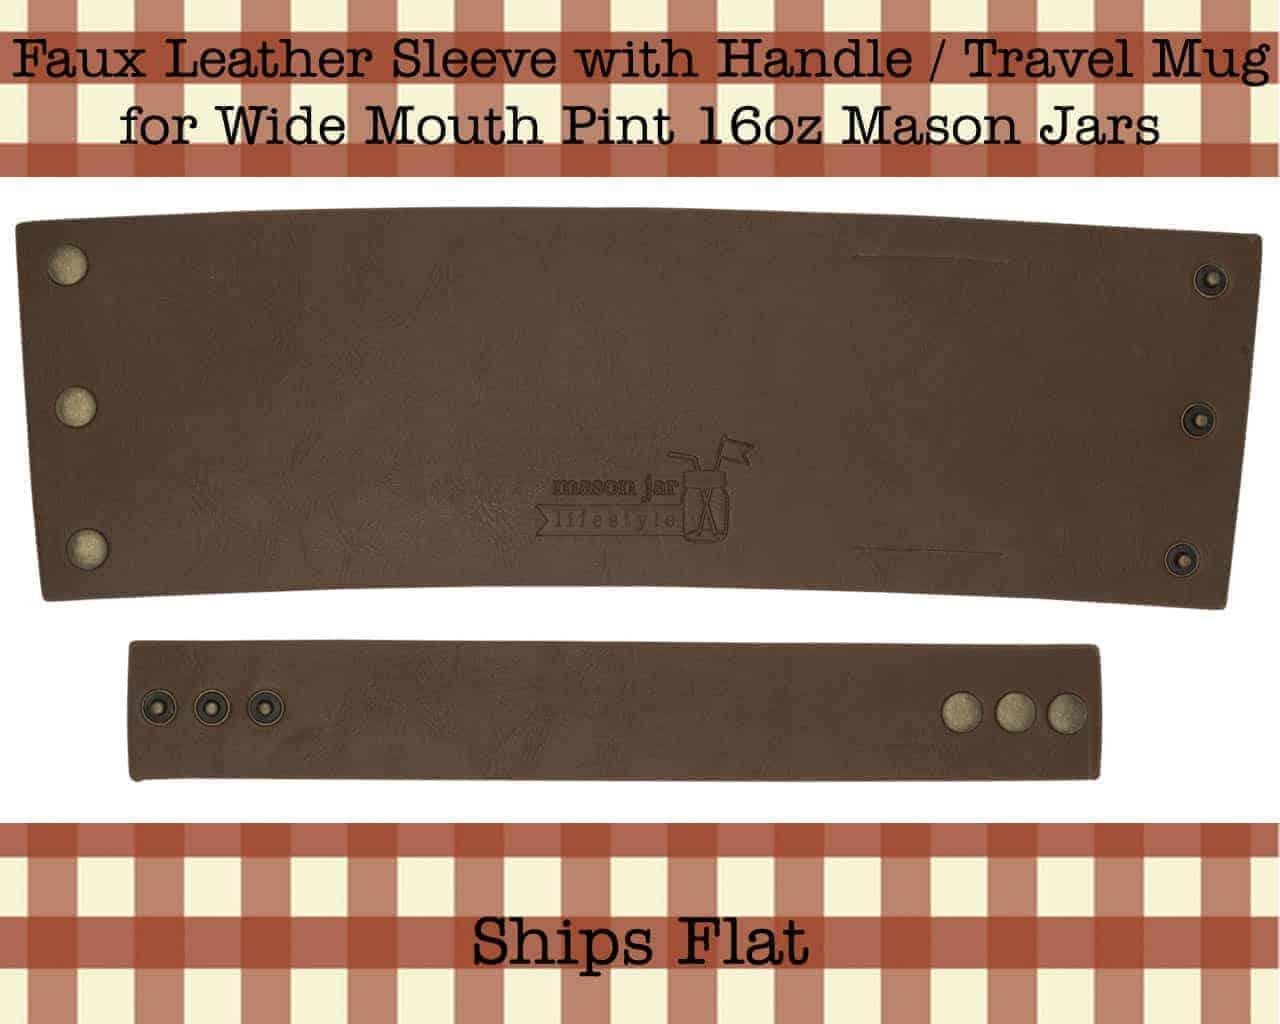 mason-jar-lifestyle-faux-leather-holder-travel-mug-sleeve-handle-wide-mouth-pint-16oz-mason-jars-ships-flat